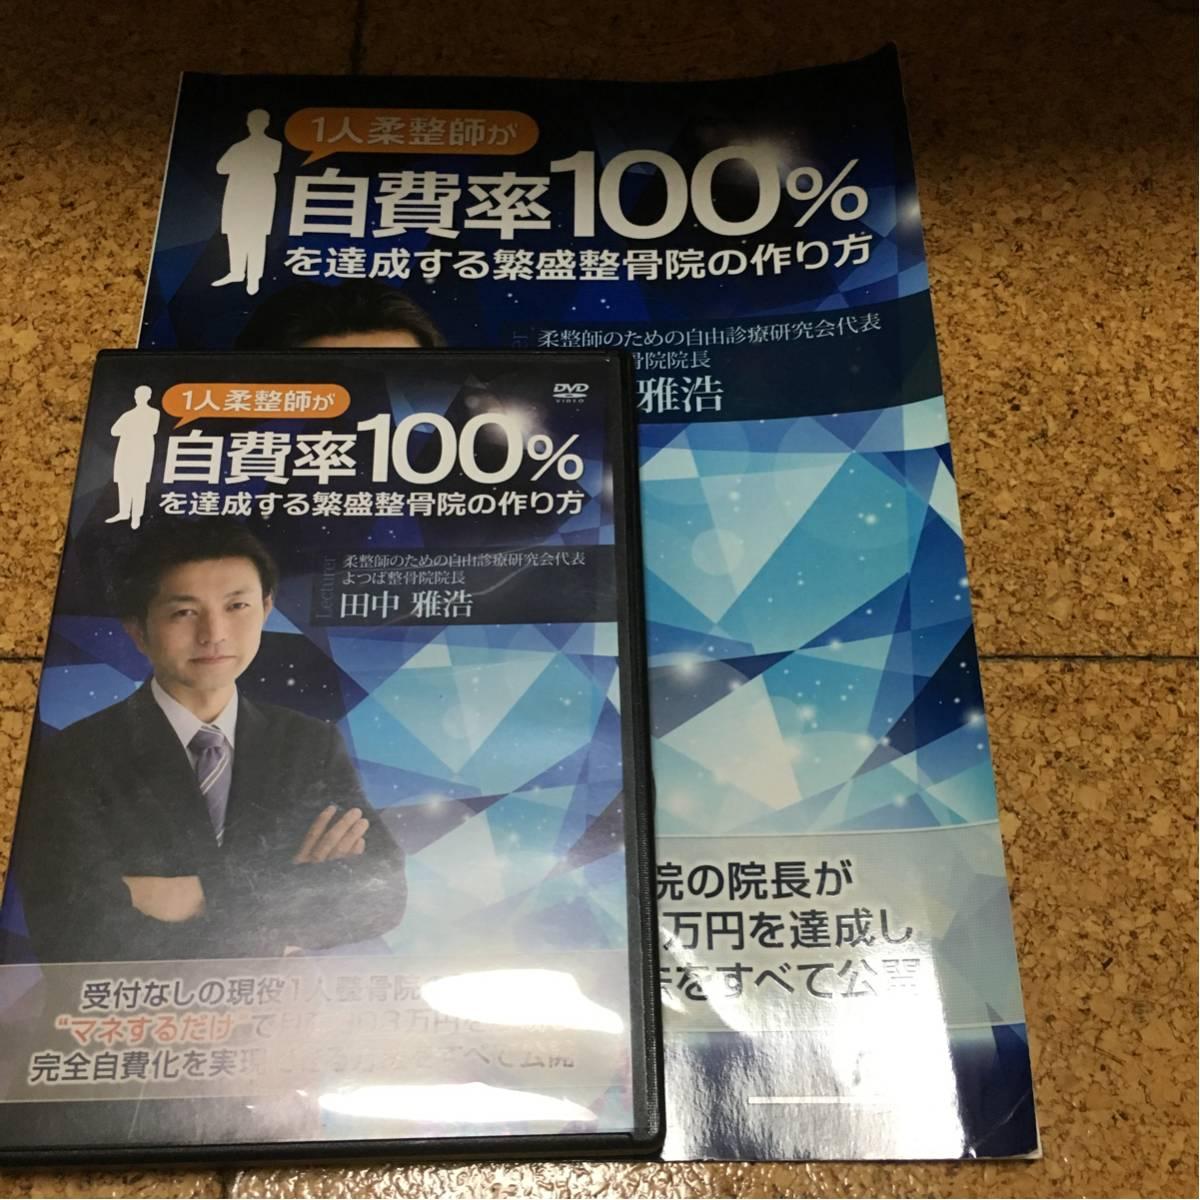 クドケン 自費率100%を達成する繁盛接骨院の作り方DVD3枚+冊子